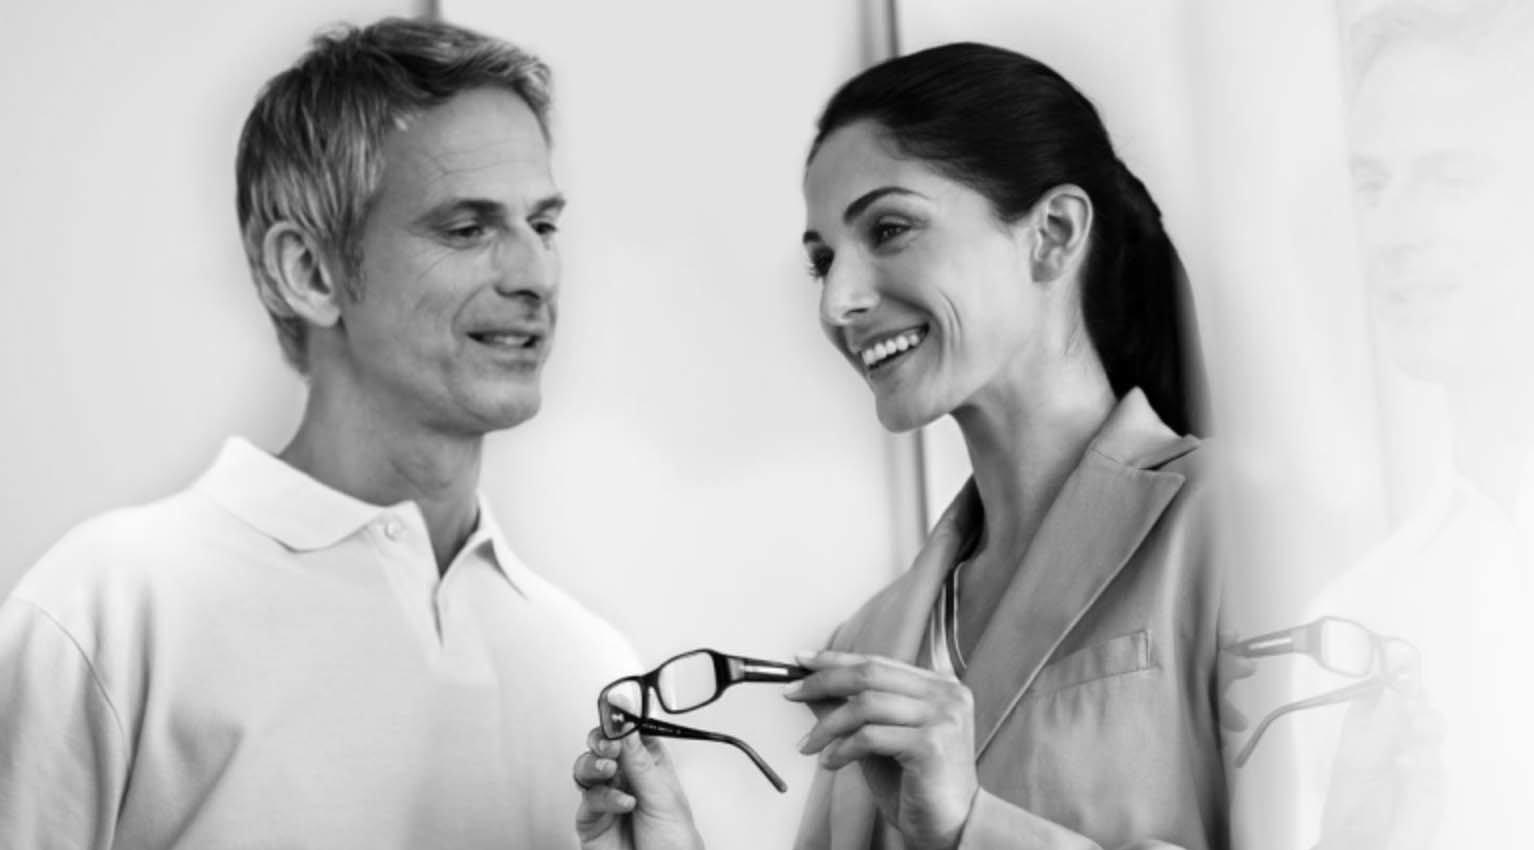 Die drei Generationen der refraktiven Laserchirurgie: PRK - FEMTO - SMILE